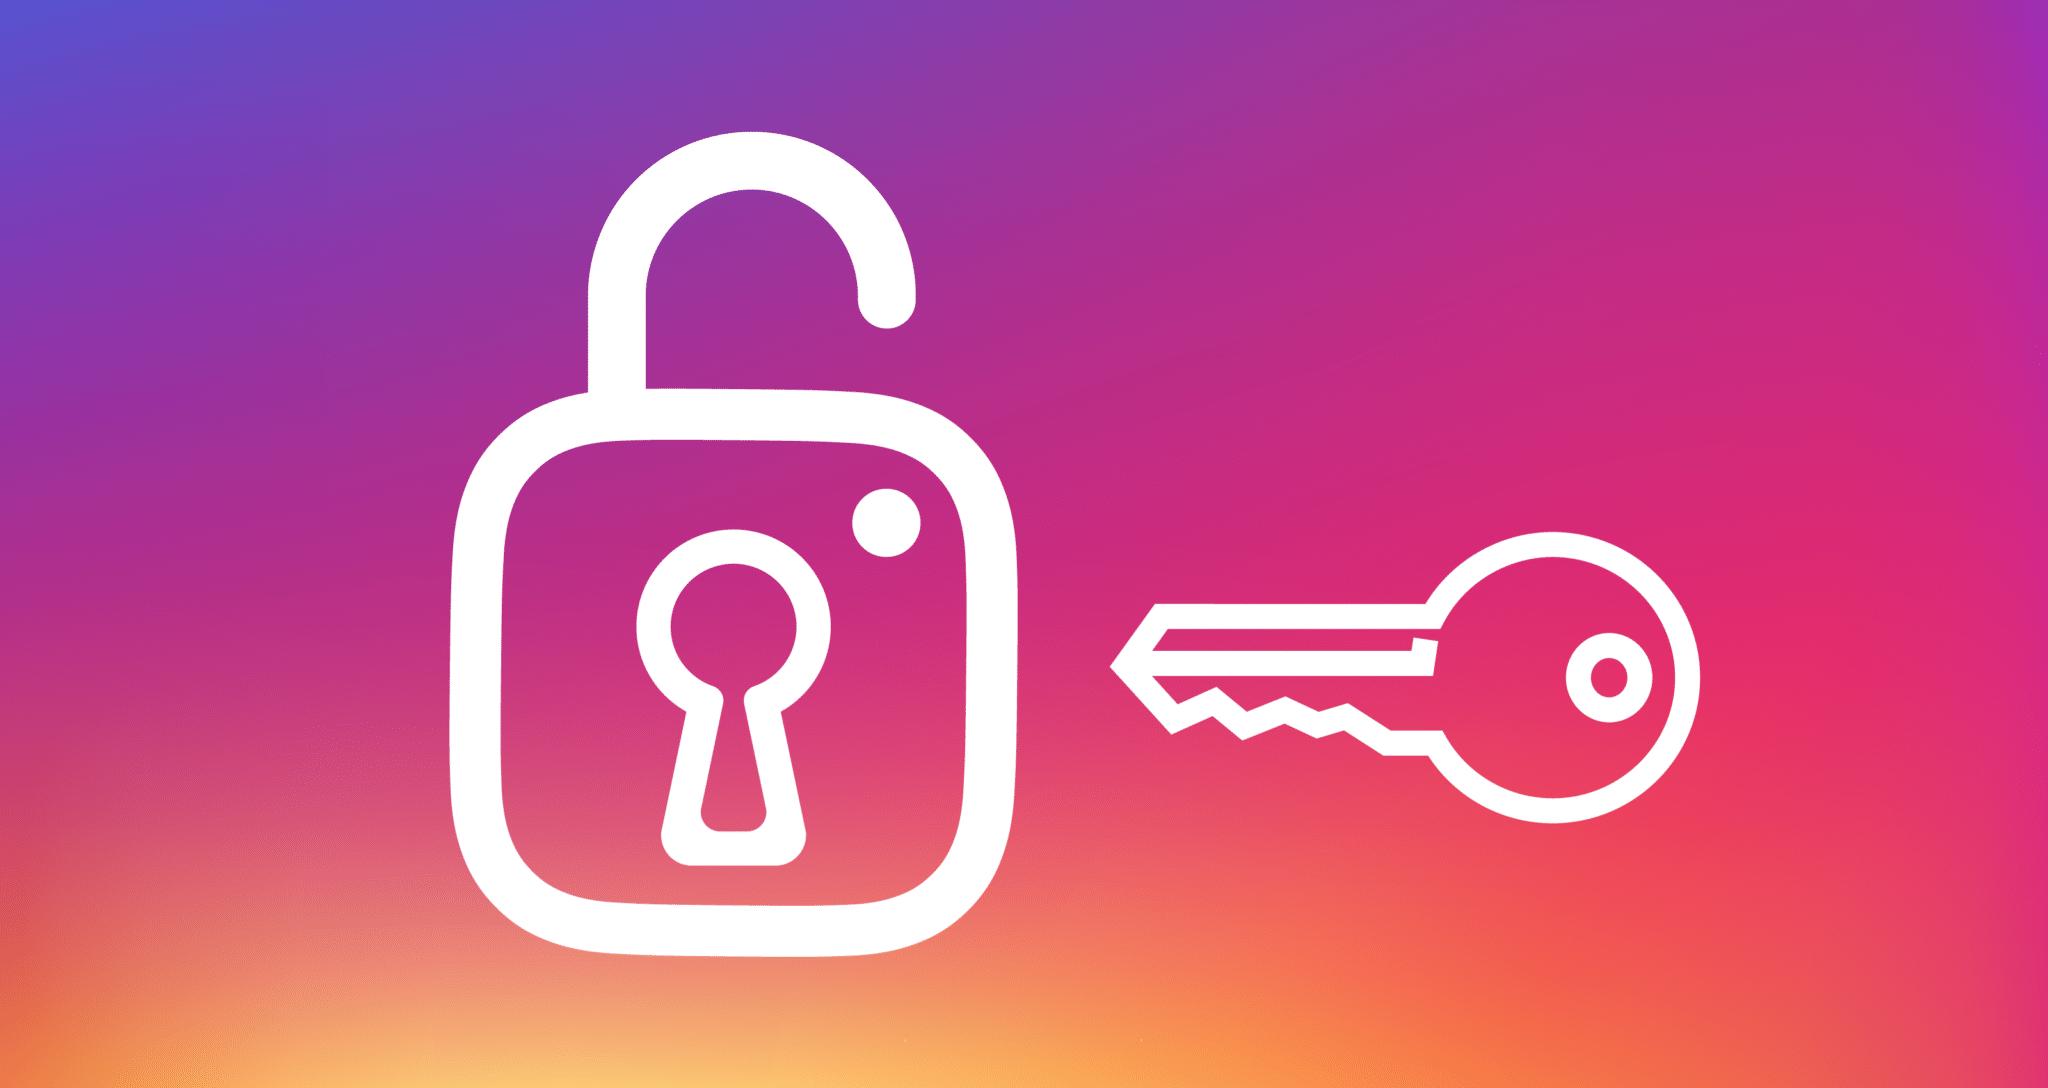 هل يمكنك معرفة من زار حسابك في انستغرام؟